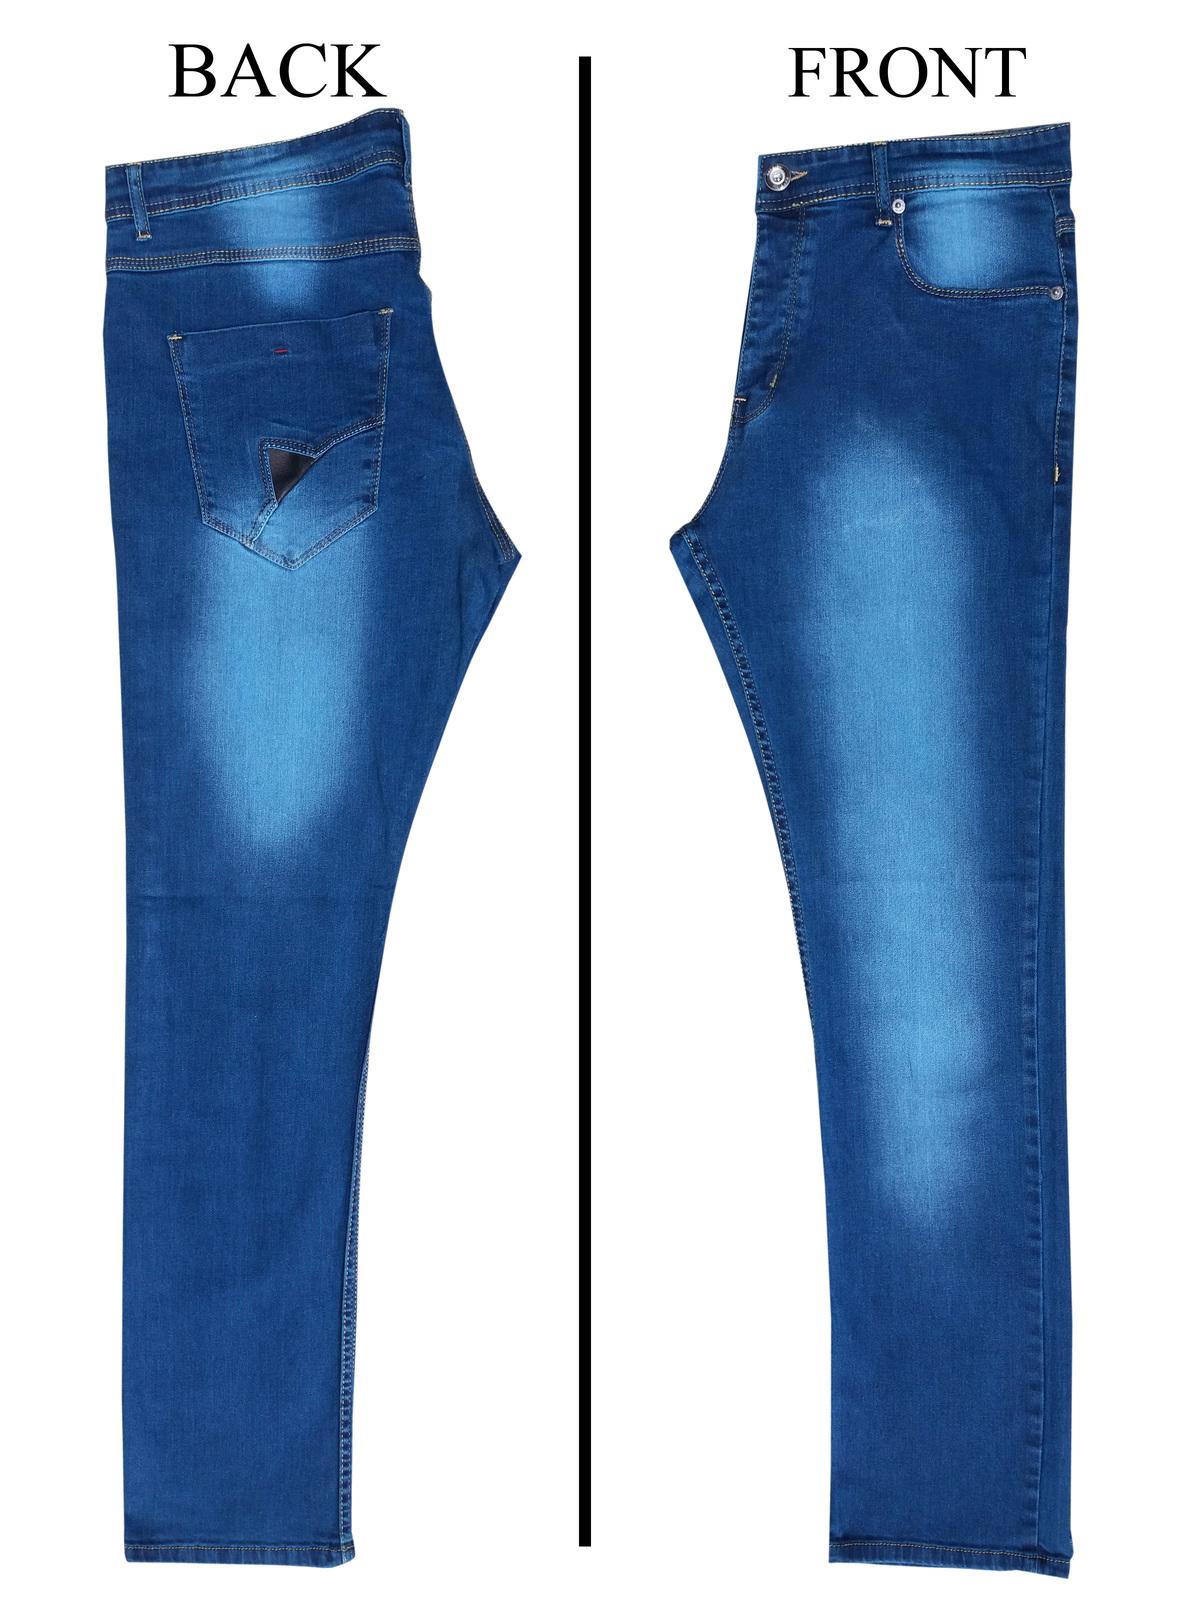 Men Jeans - Article # 166010 - 8.50 USD